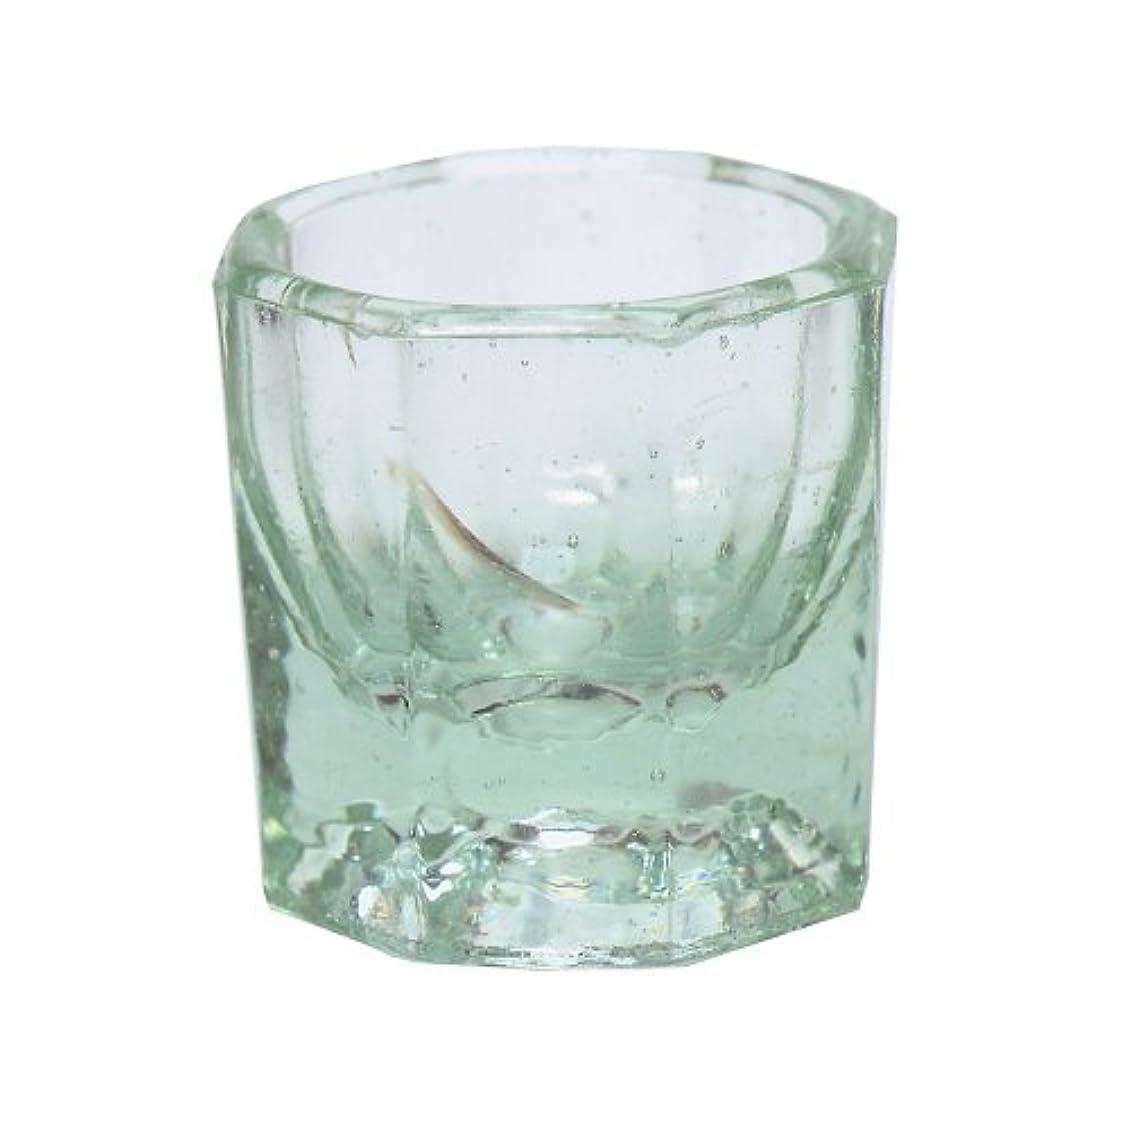 摂氏度債務者世論調査Vaorwne Vaorwne(R)5パック、オールシーズンガラス皿